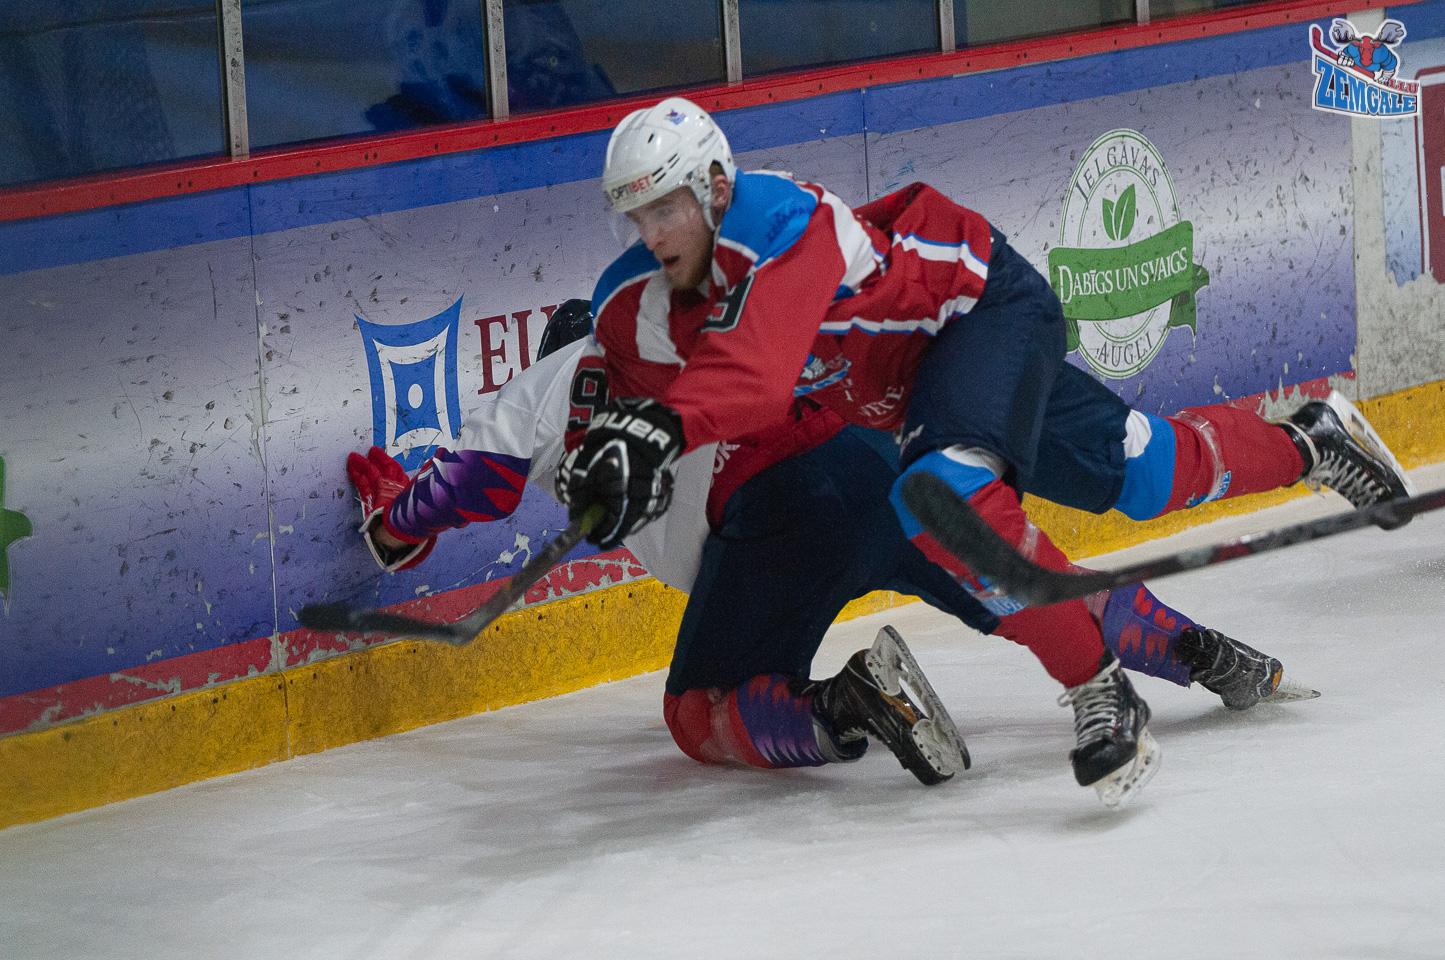 Hokejisti krīt pēc spēka paņēmiena